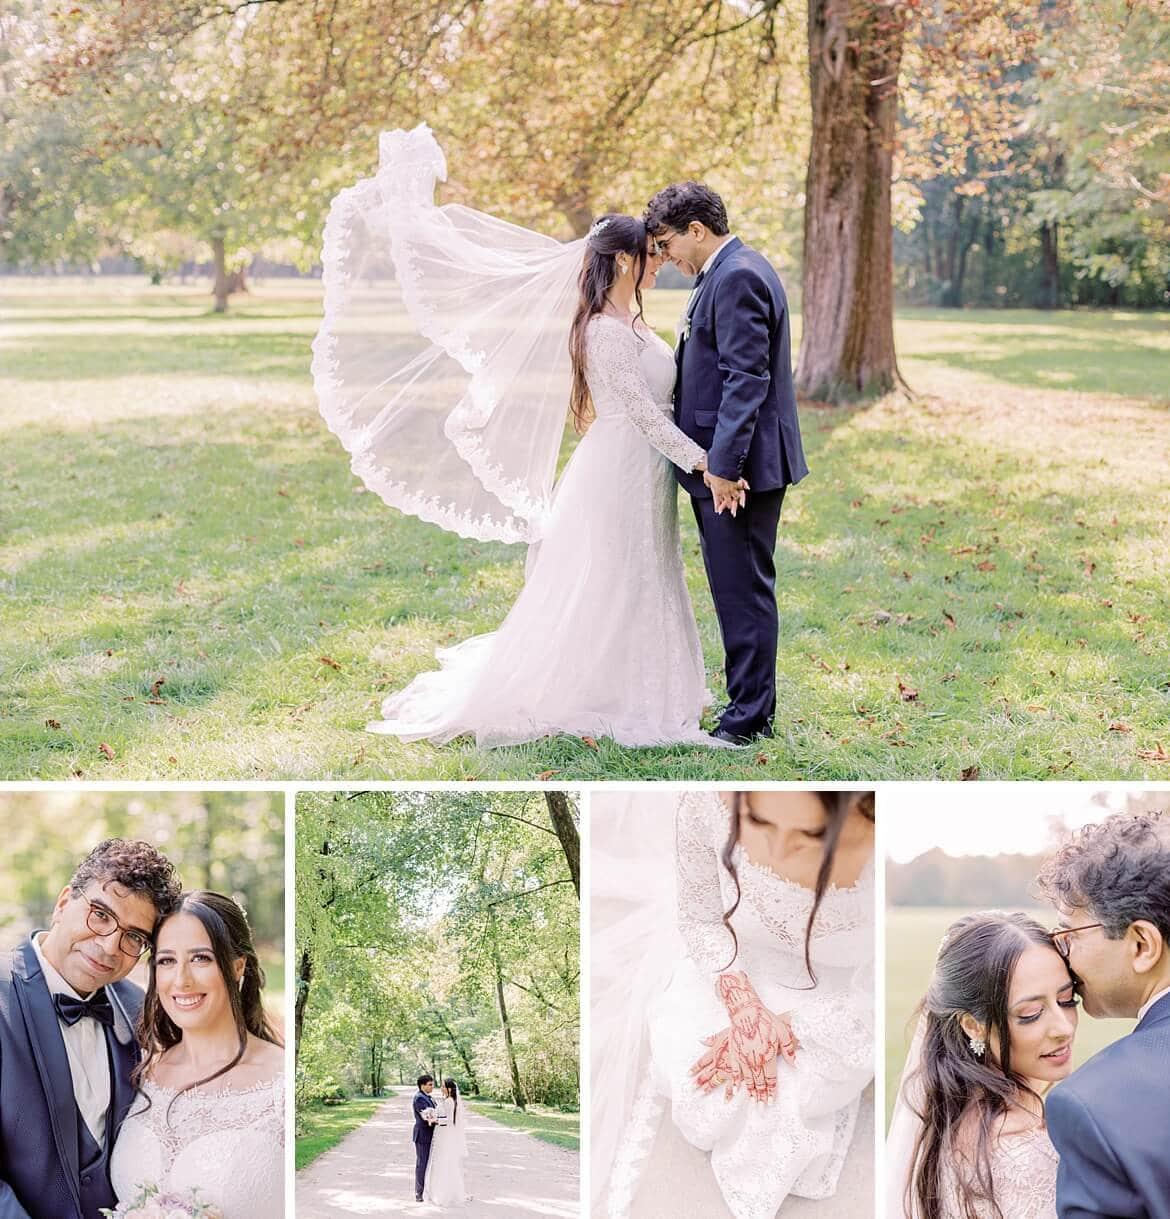 Amina und Atef Hochzeit